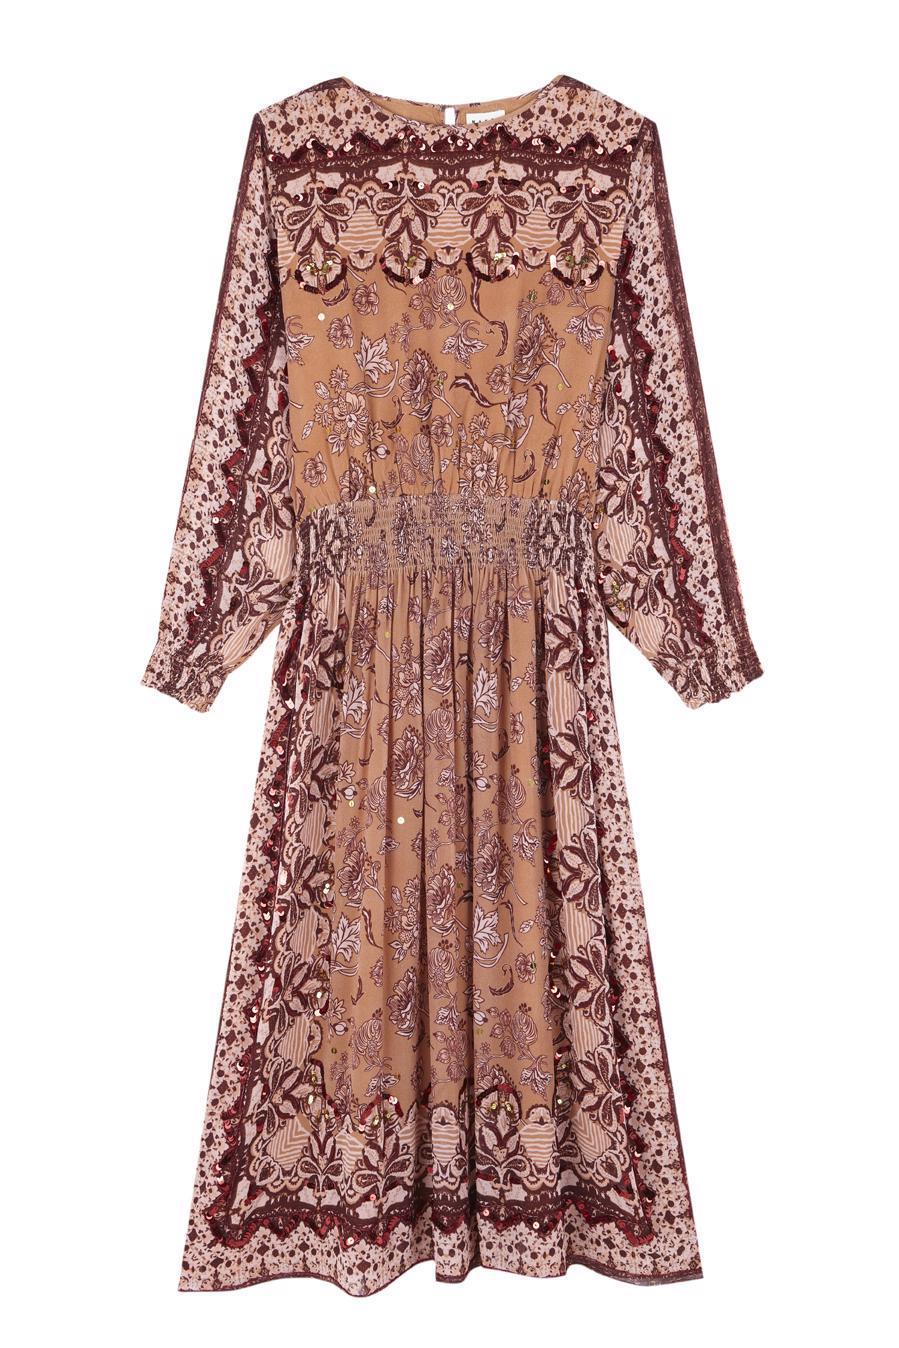 Vestido Luce, de Maksu.